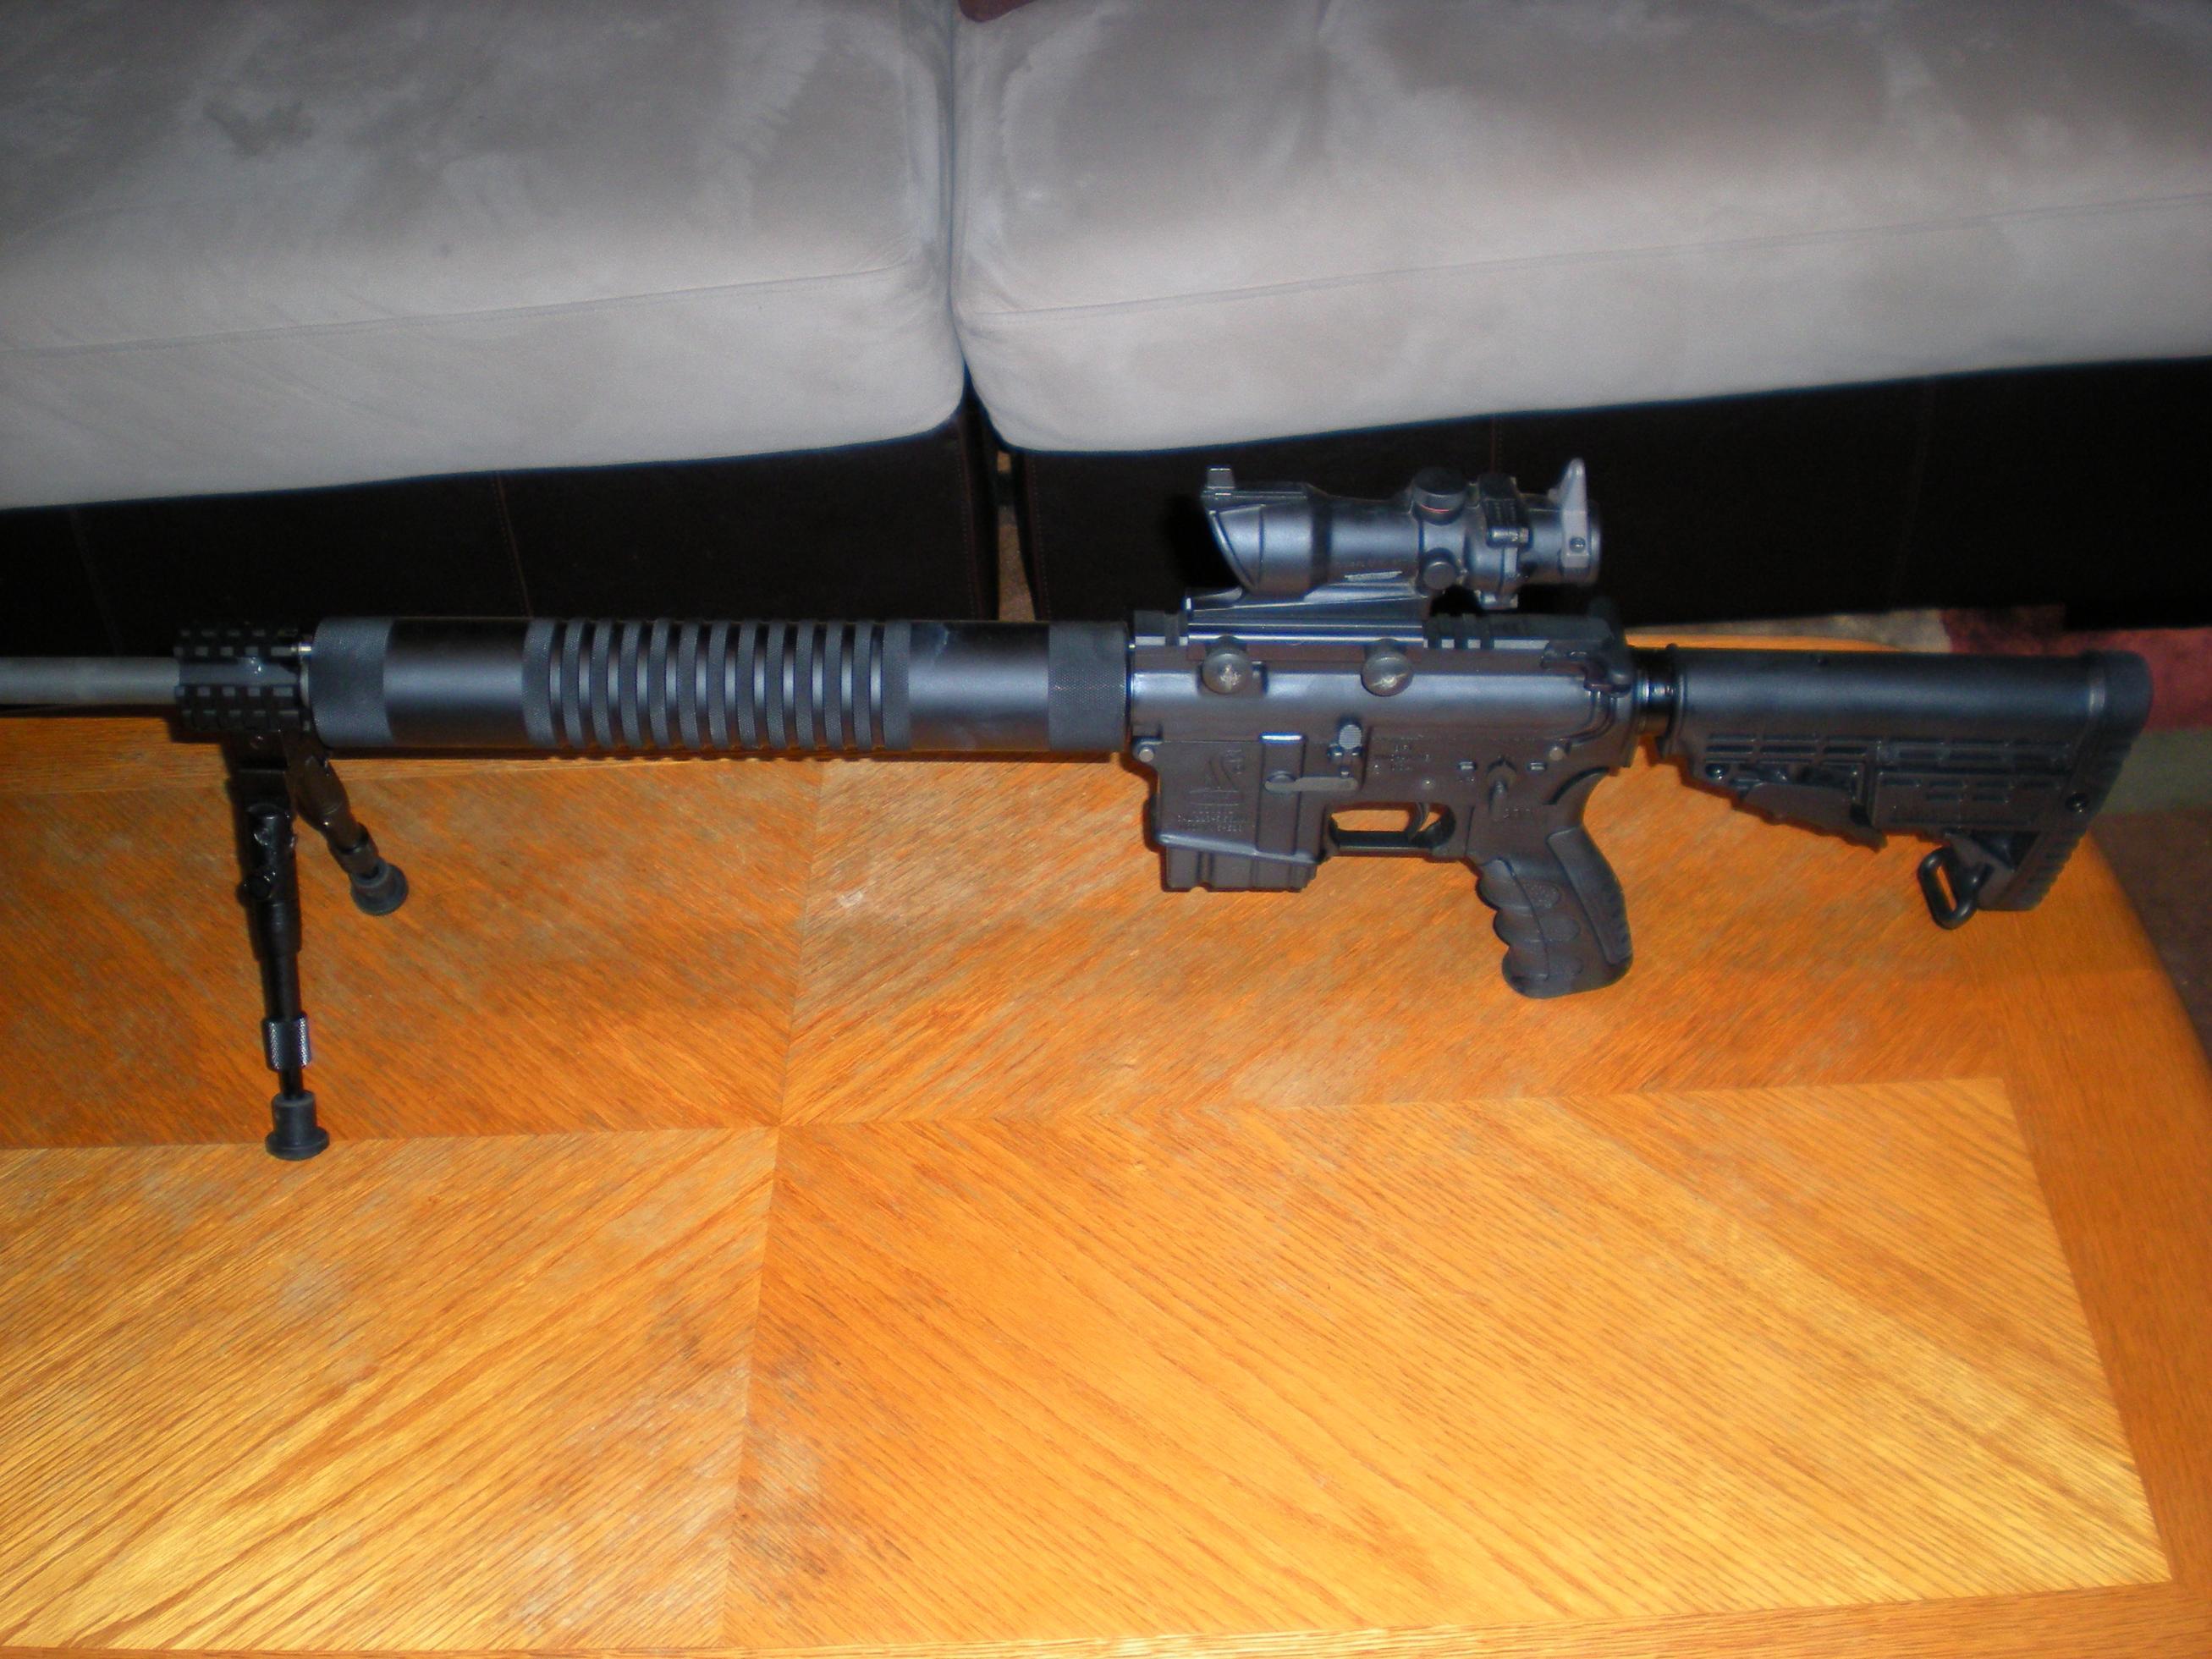 I dressed up my AR a bit!-bushmaster-5.56-w-agog-1.jpg